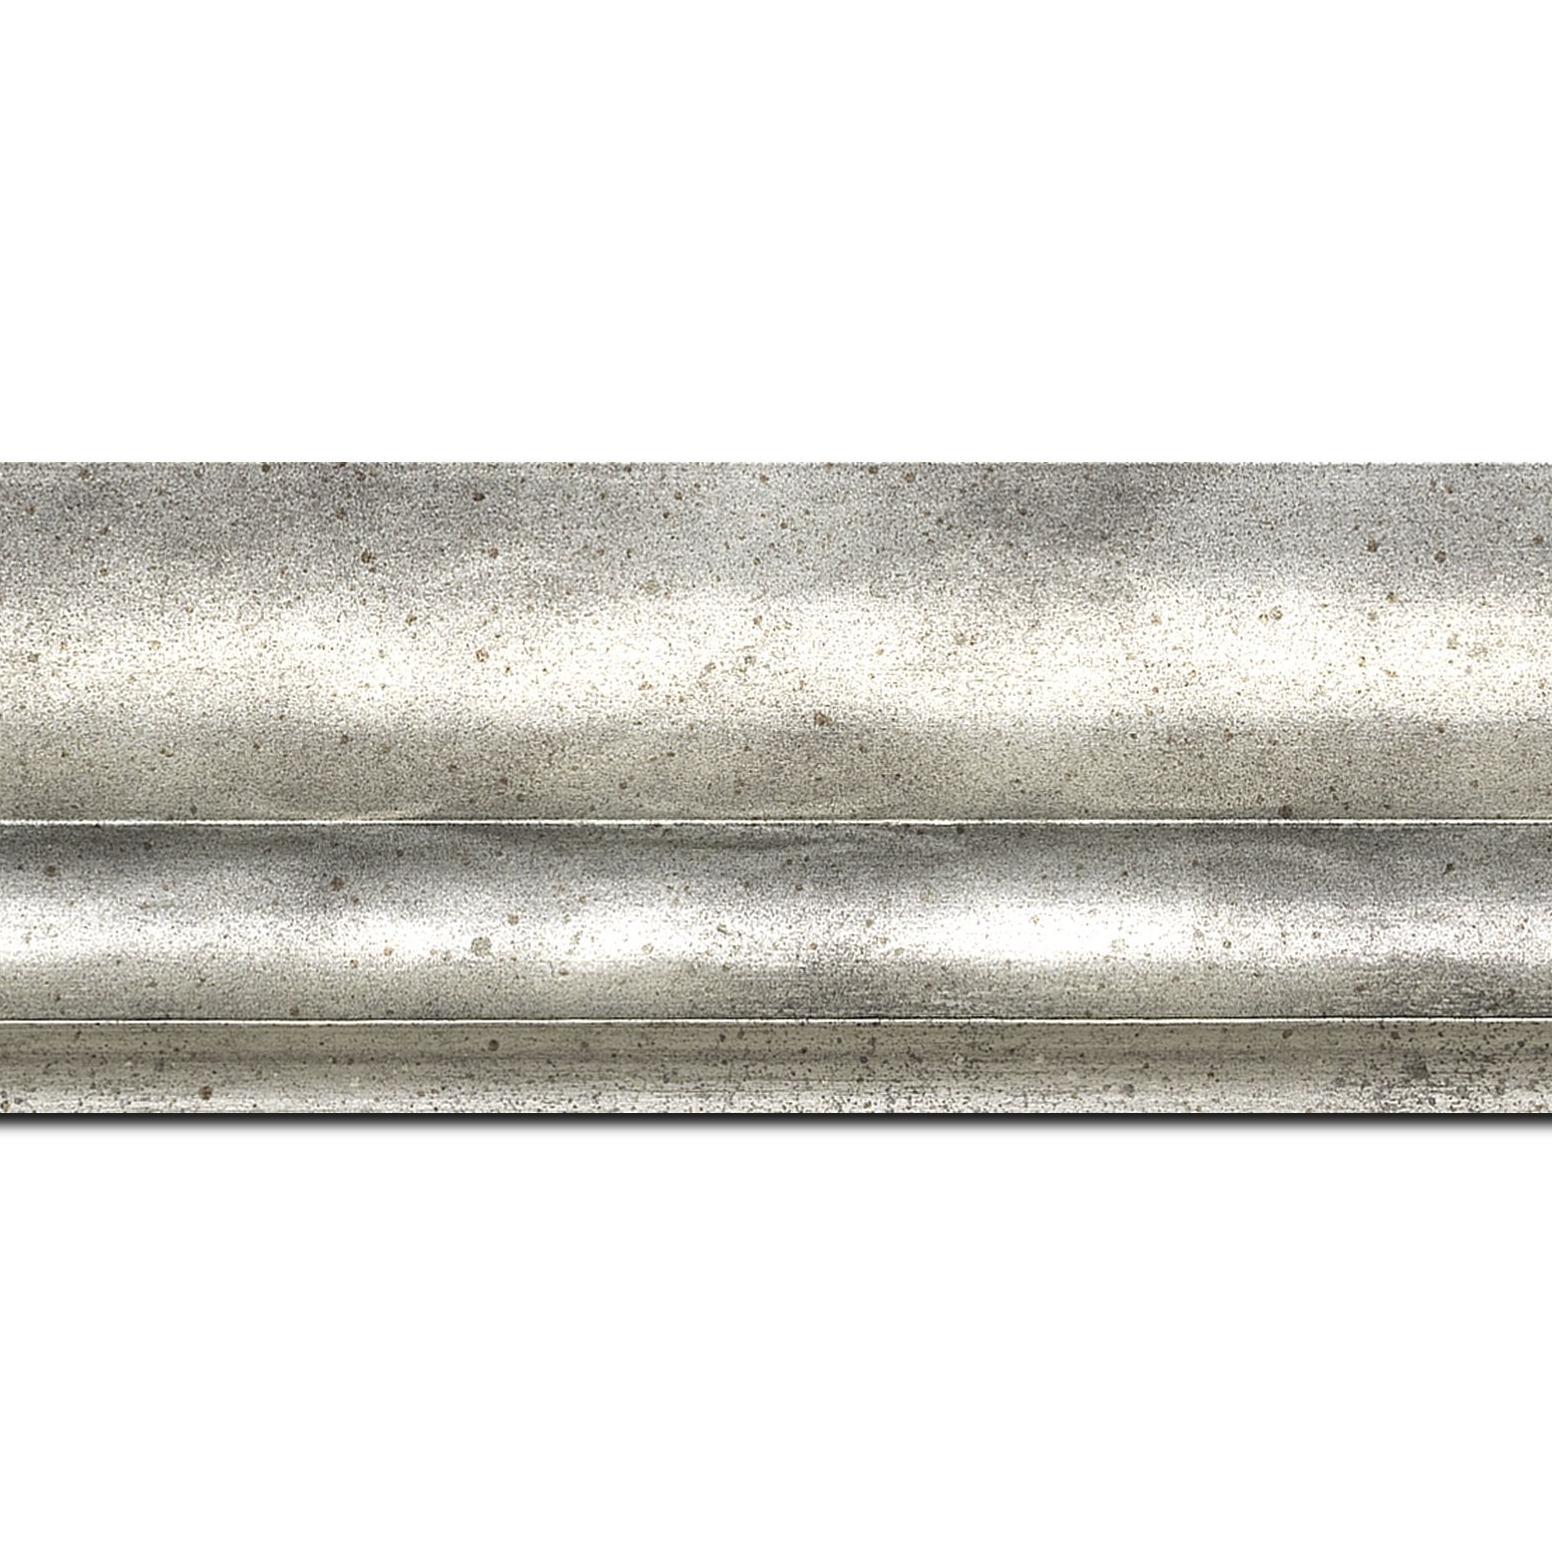 Baguette longueur 1.40m bois profil plat ondulé largeur 5.9cm argent chaud